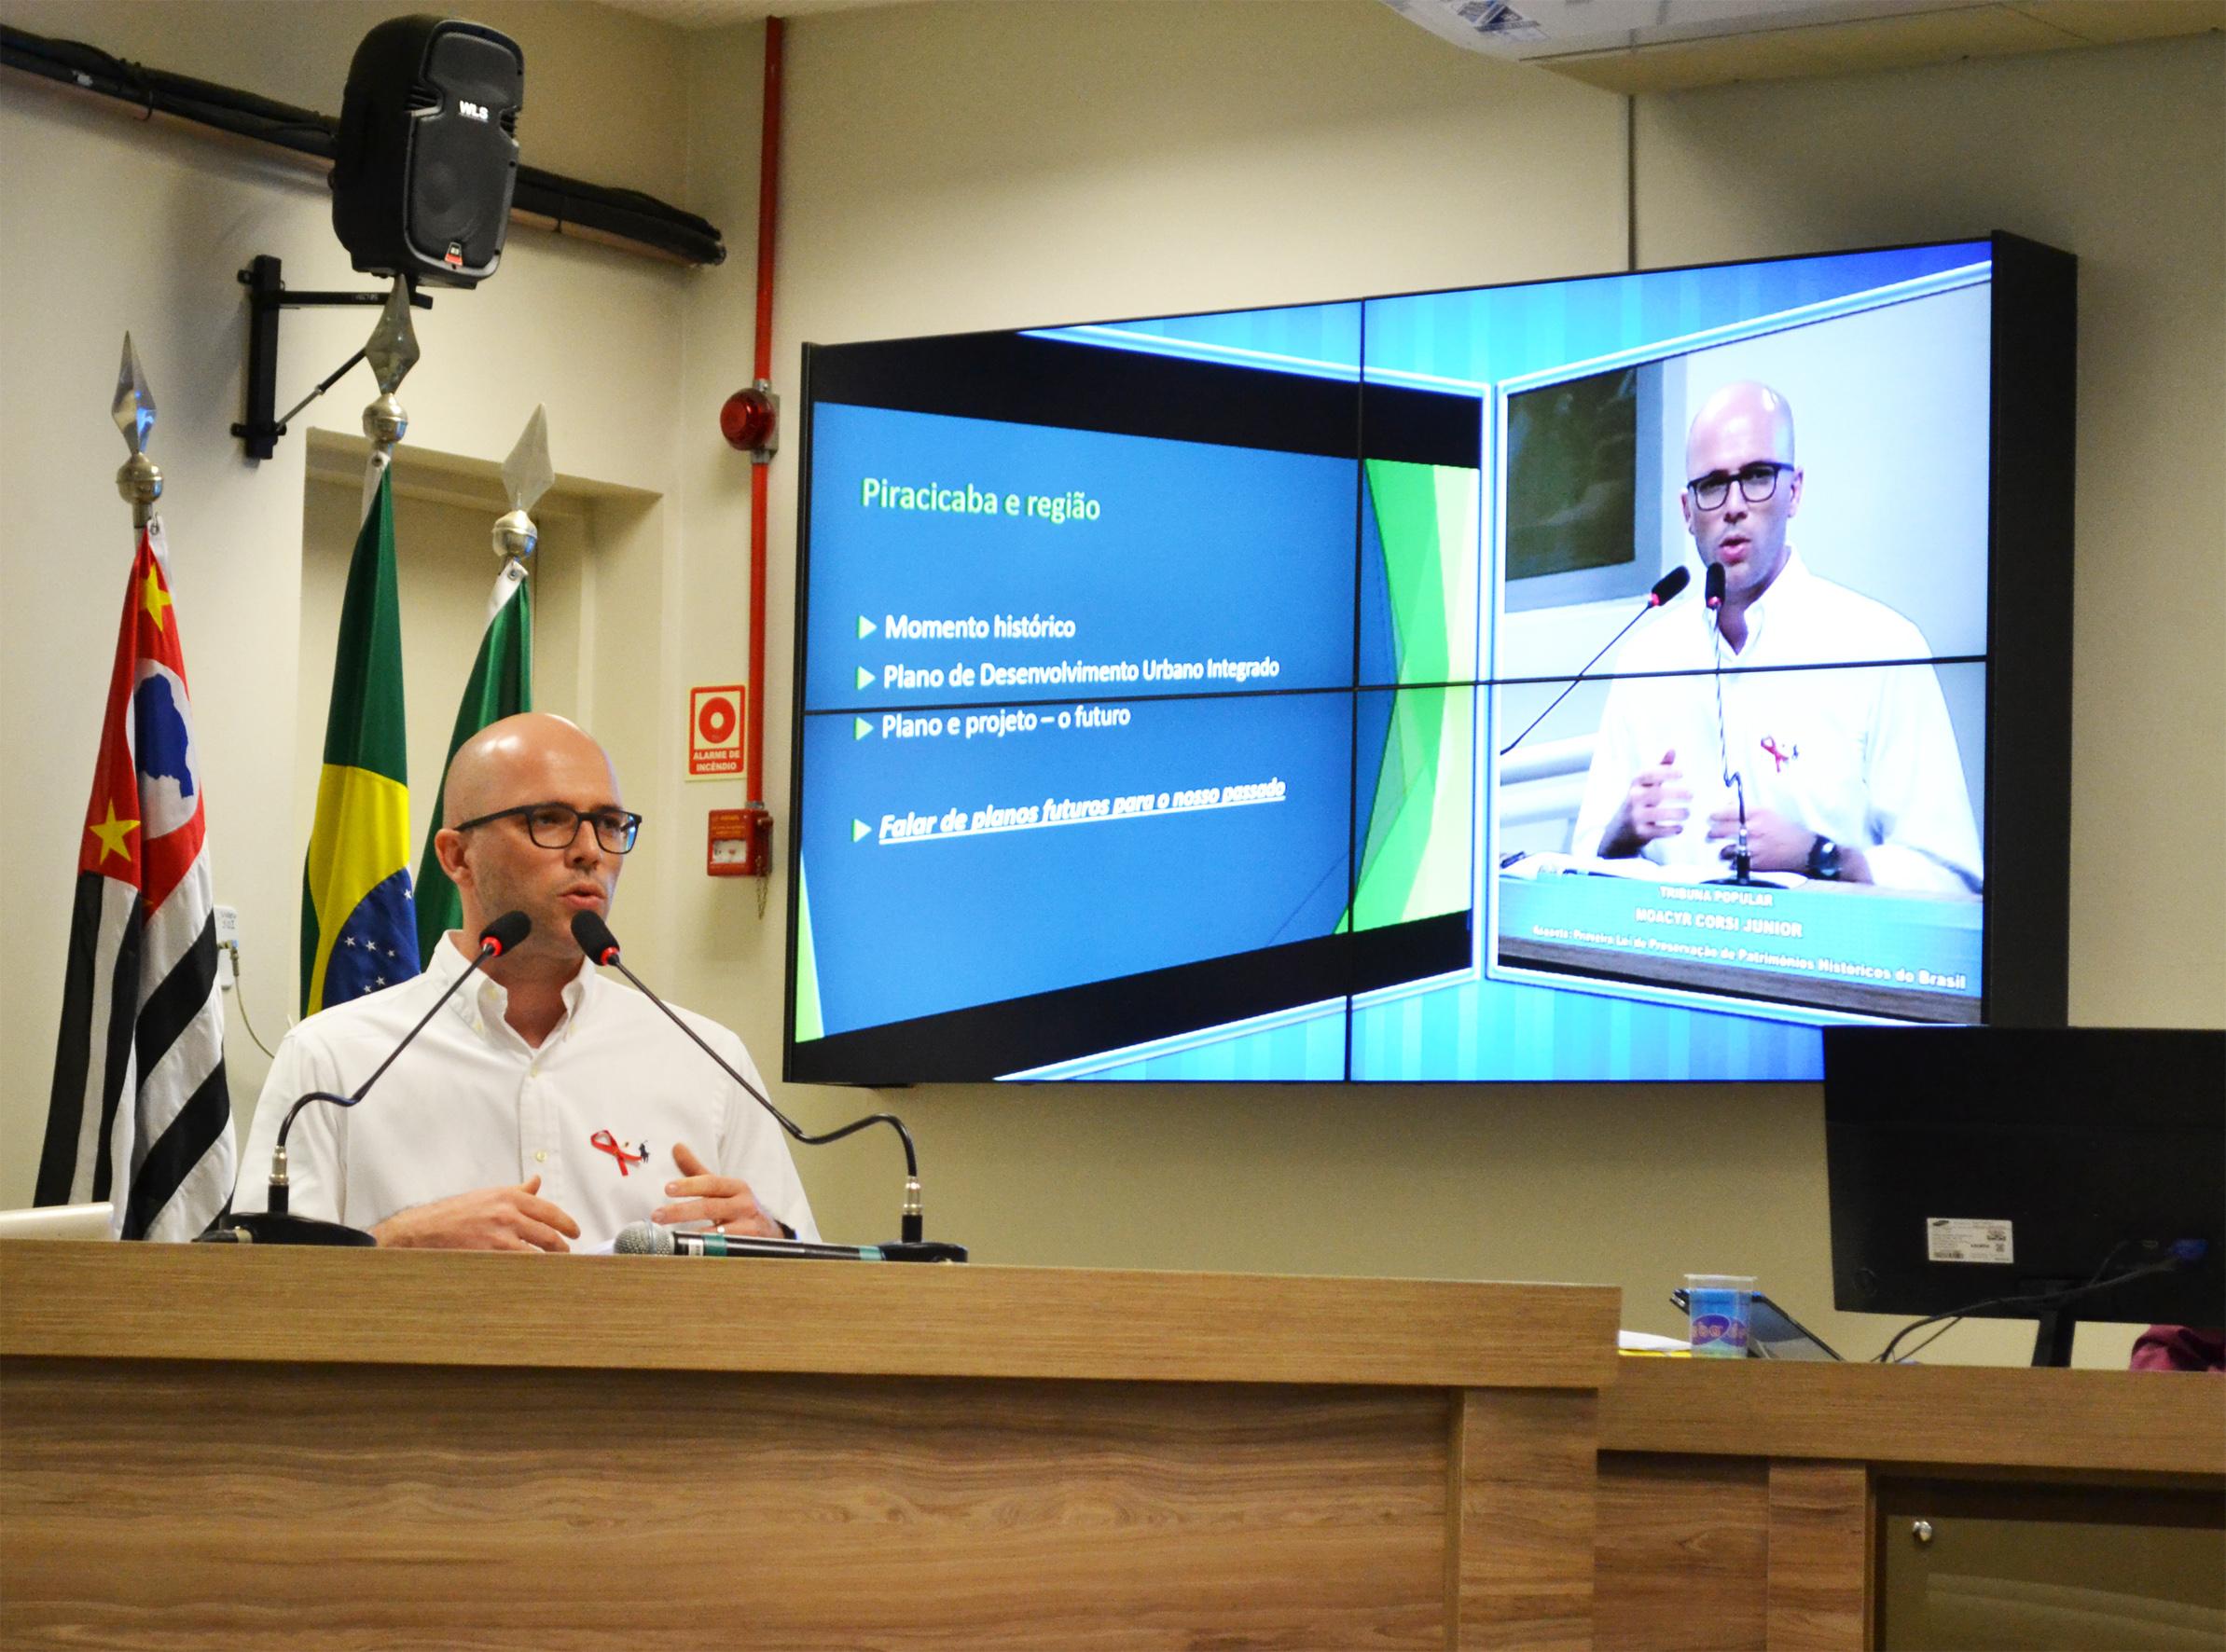 """""""Com estrutura limitada, Piracicaba terá um infarto"""", alerta urbanista sobre número crescente de veículos circulantes na cidade"""